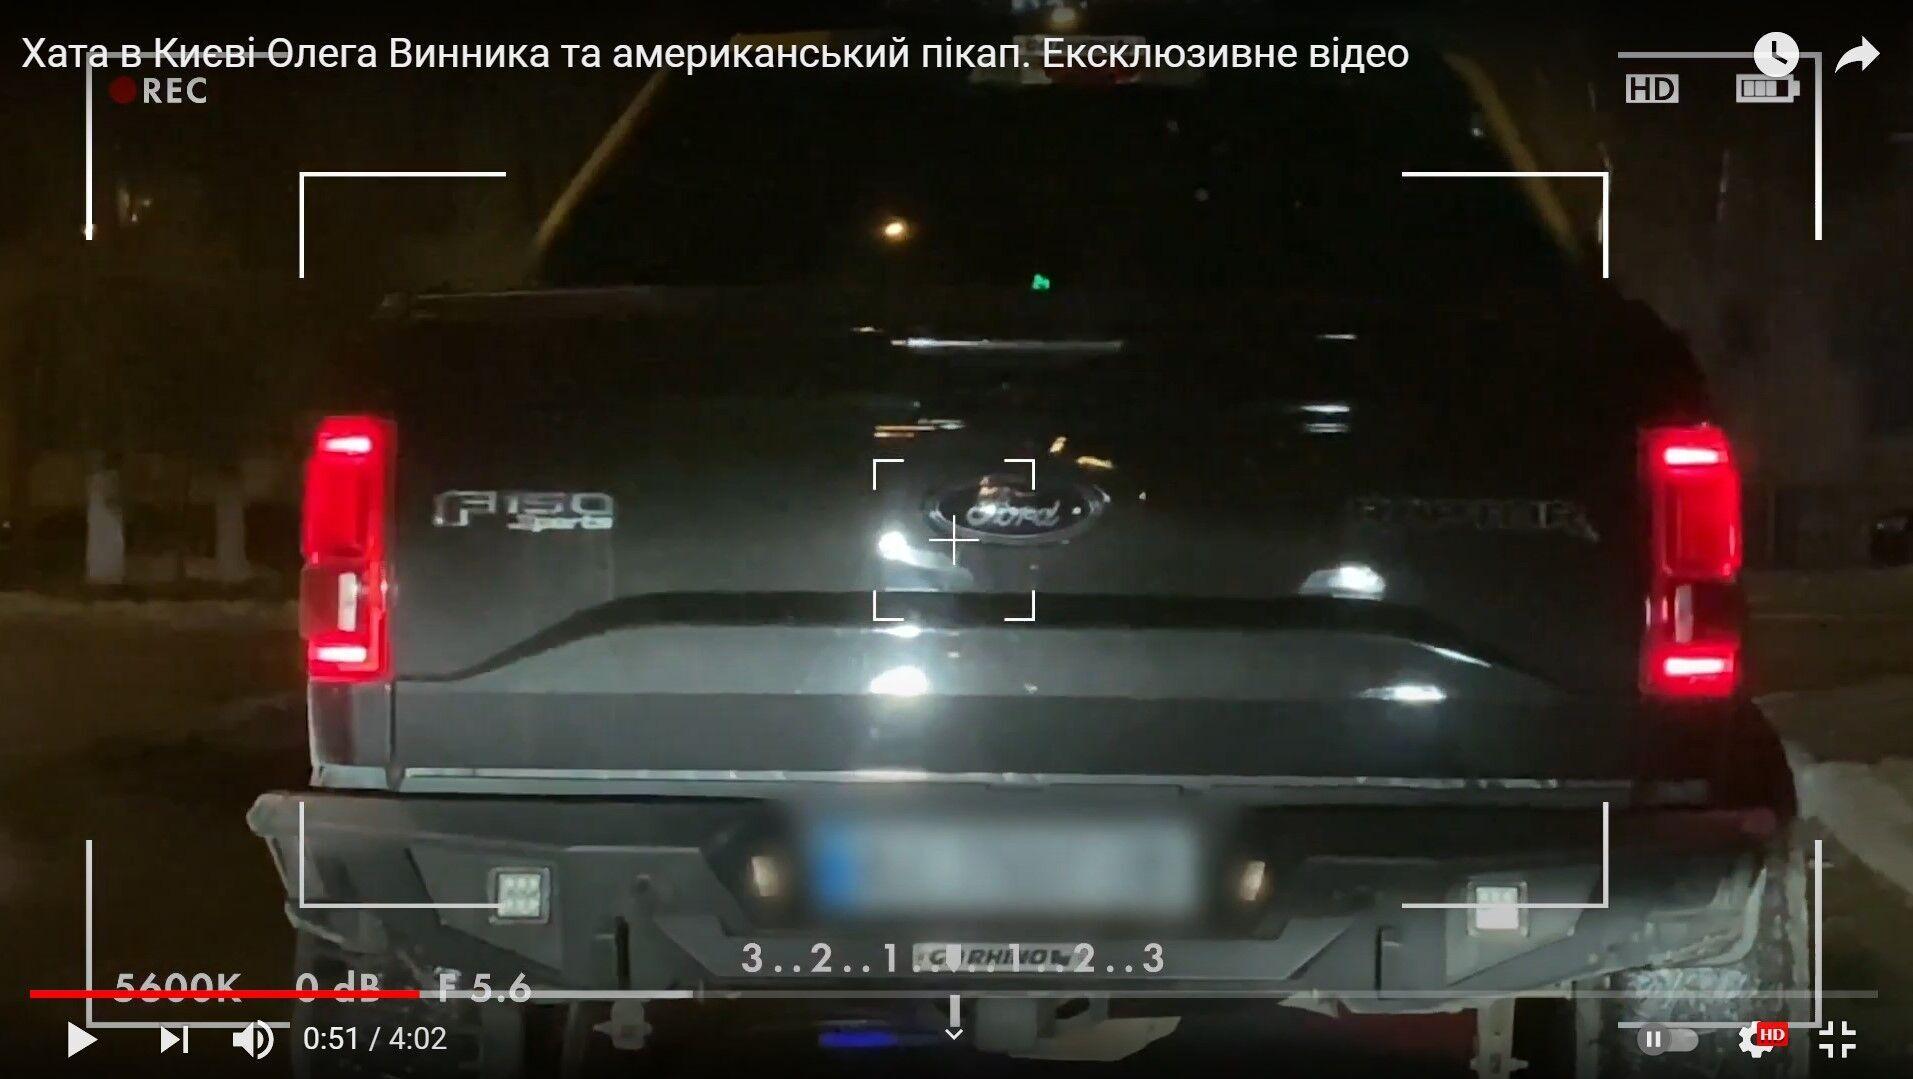 Скріншот з відео.